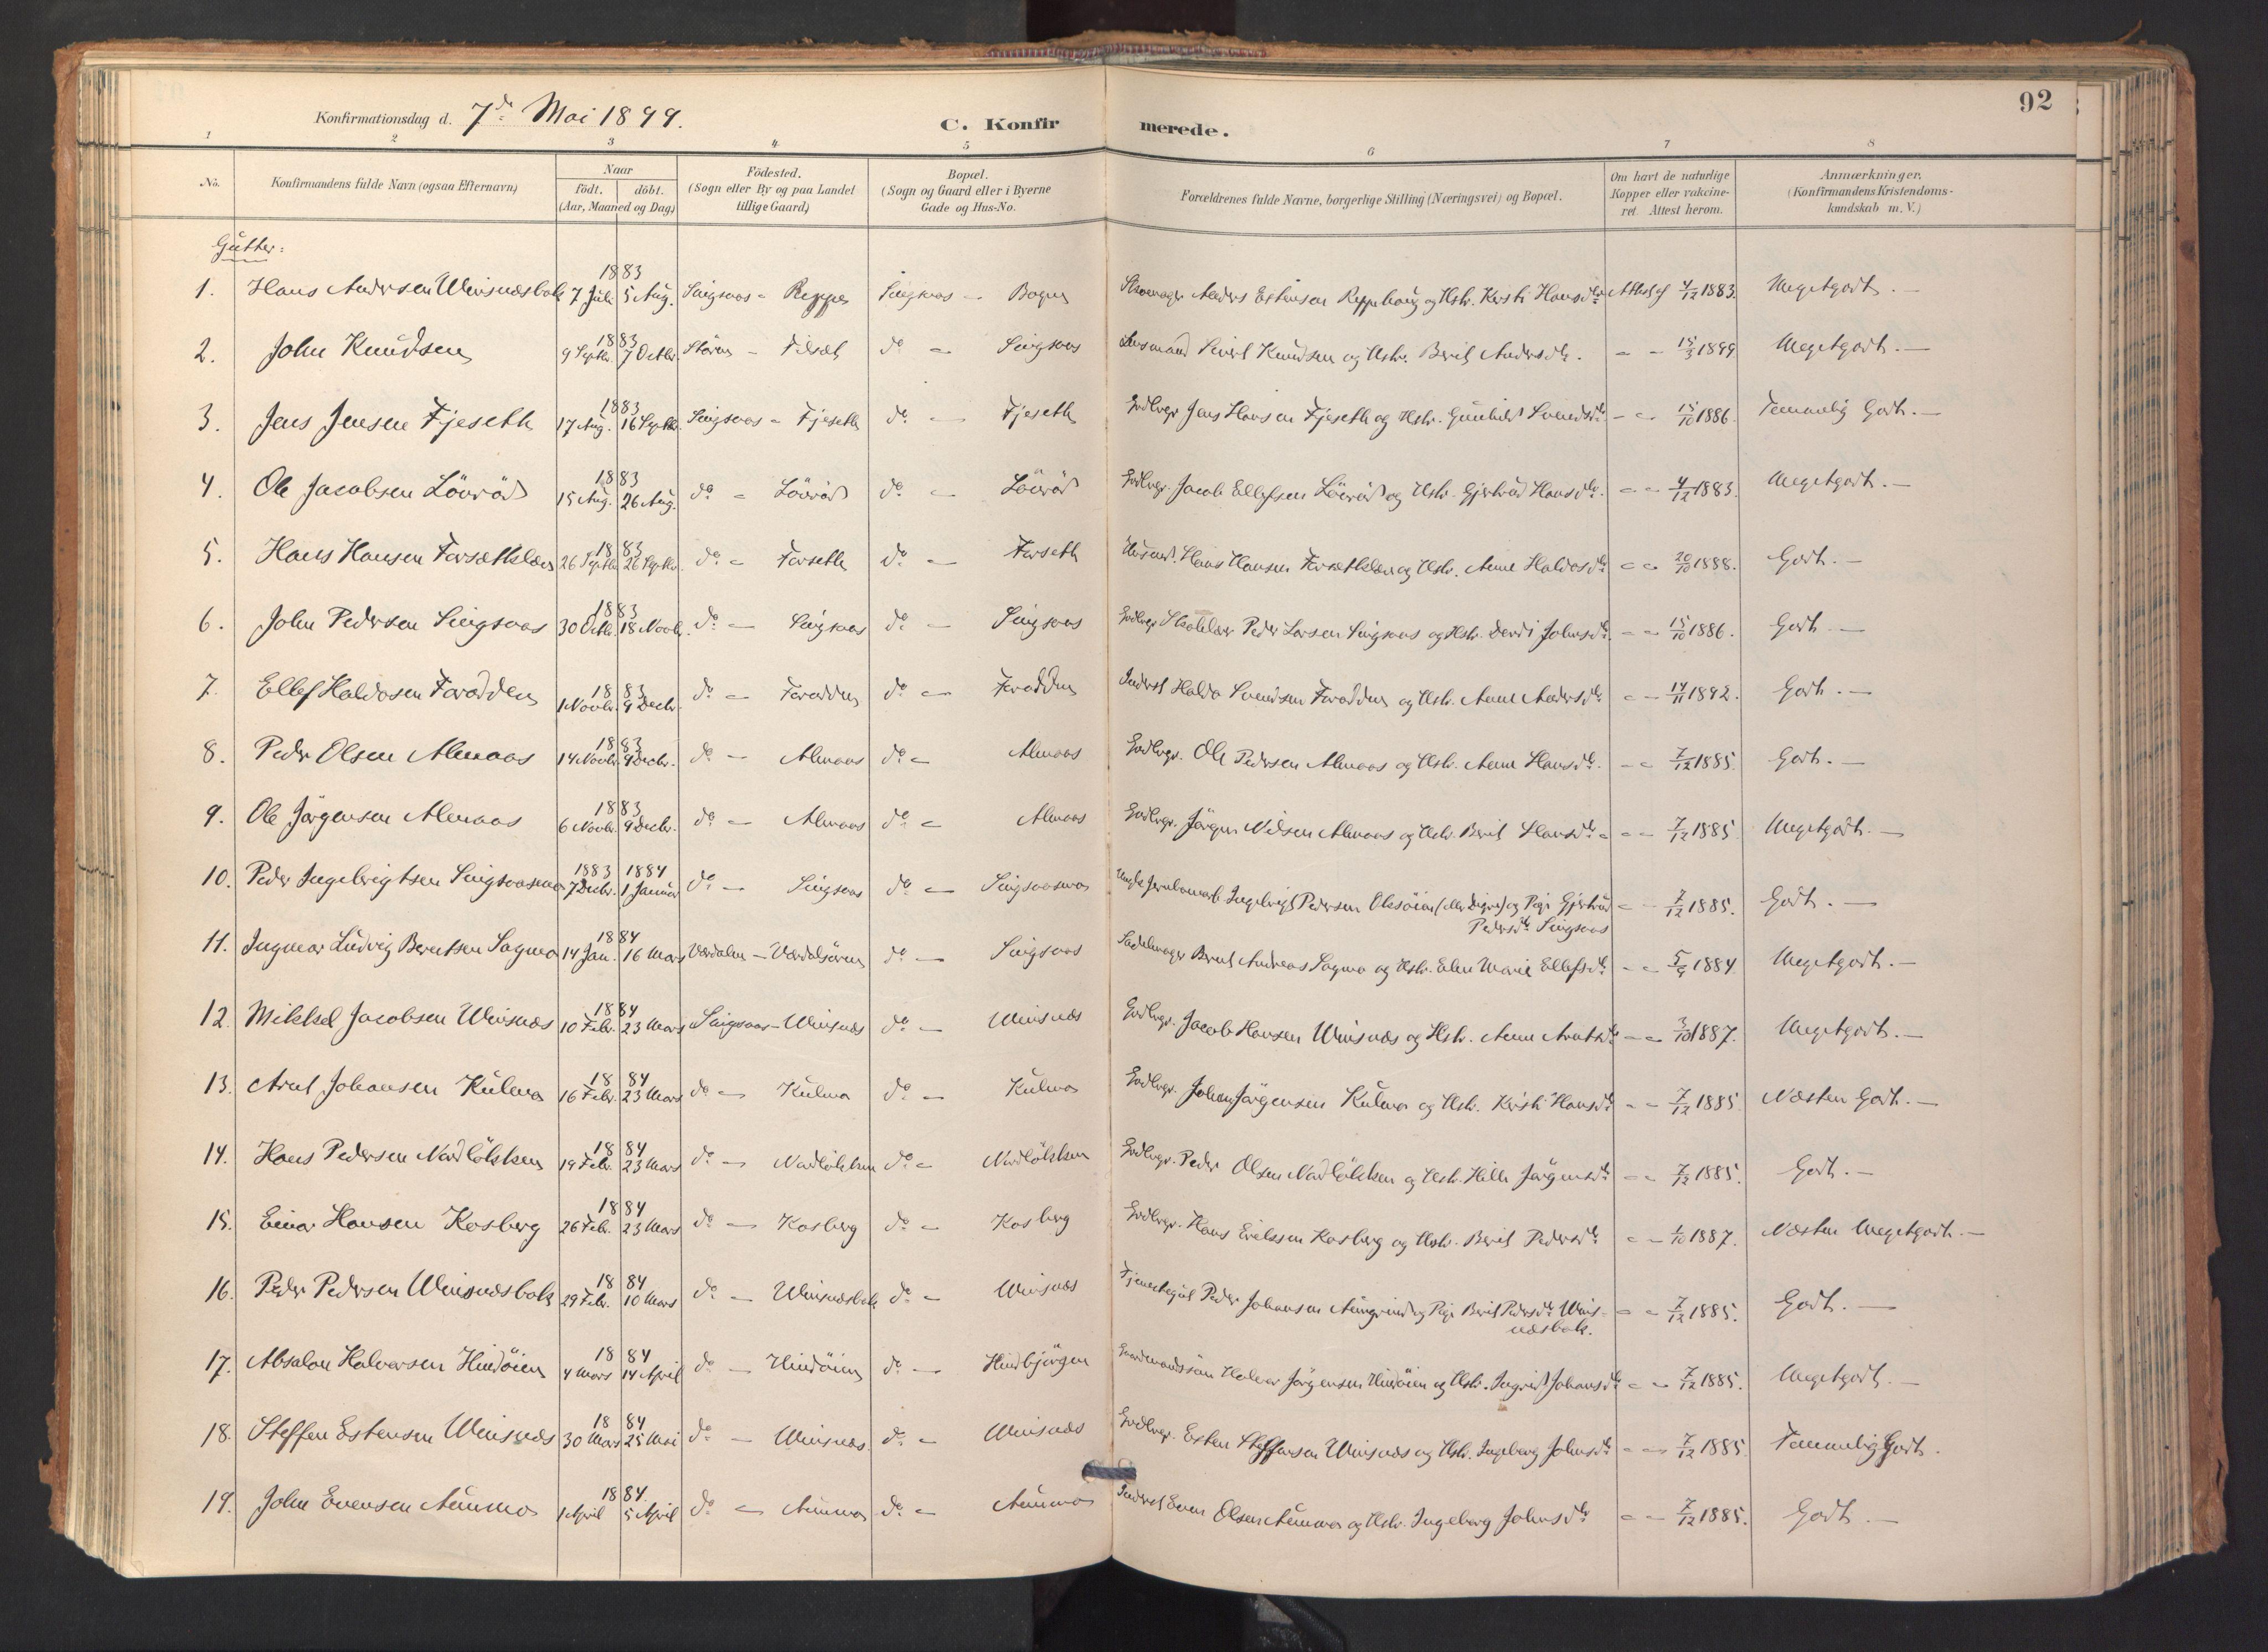 SAT, Ministerialprotokoller, klokkerbøker og fødselsregistre - Sør-Trøndelag, 688/L1025: Ministerialbok nr. 688A02, 1891-1909, s. 92